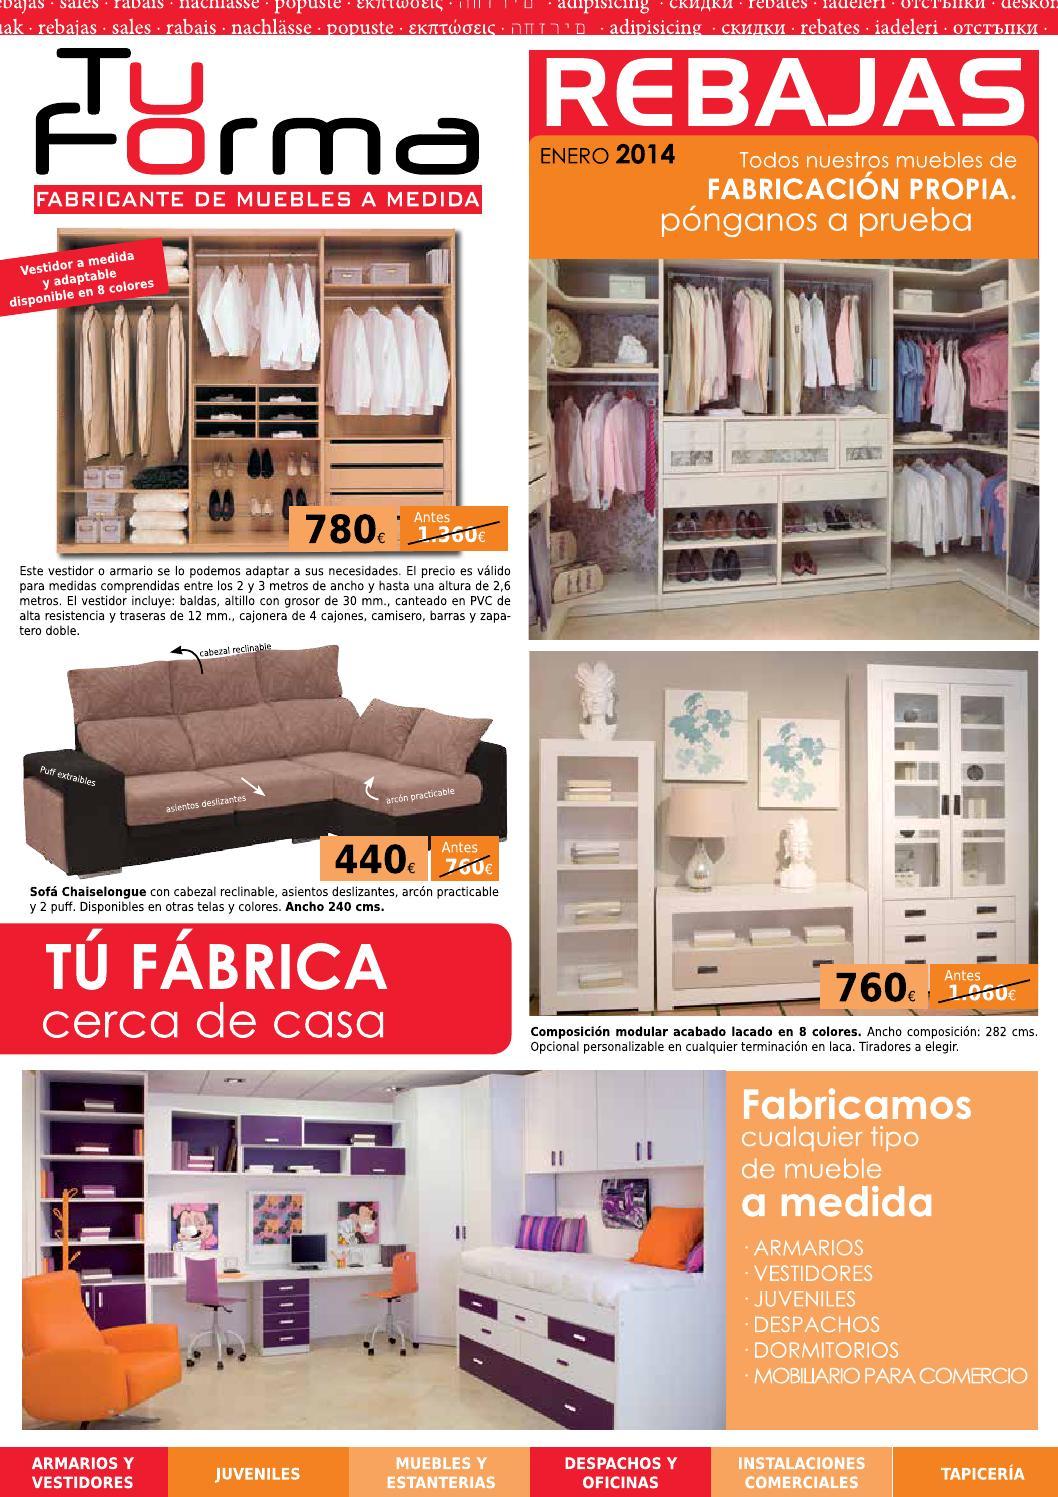 Tu forma 2014 sevilla y cordoba muebles sarria by mueblessarria issuu - Muebles sarria cordoba ...